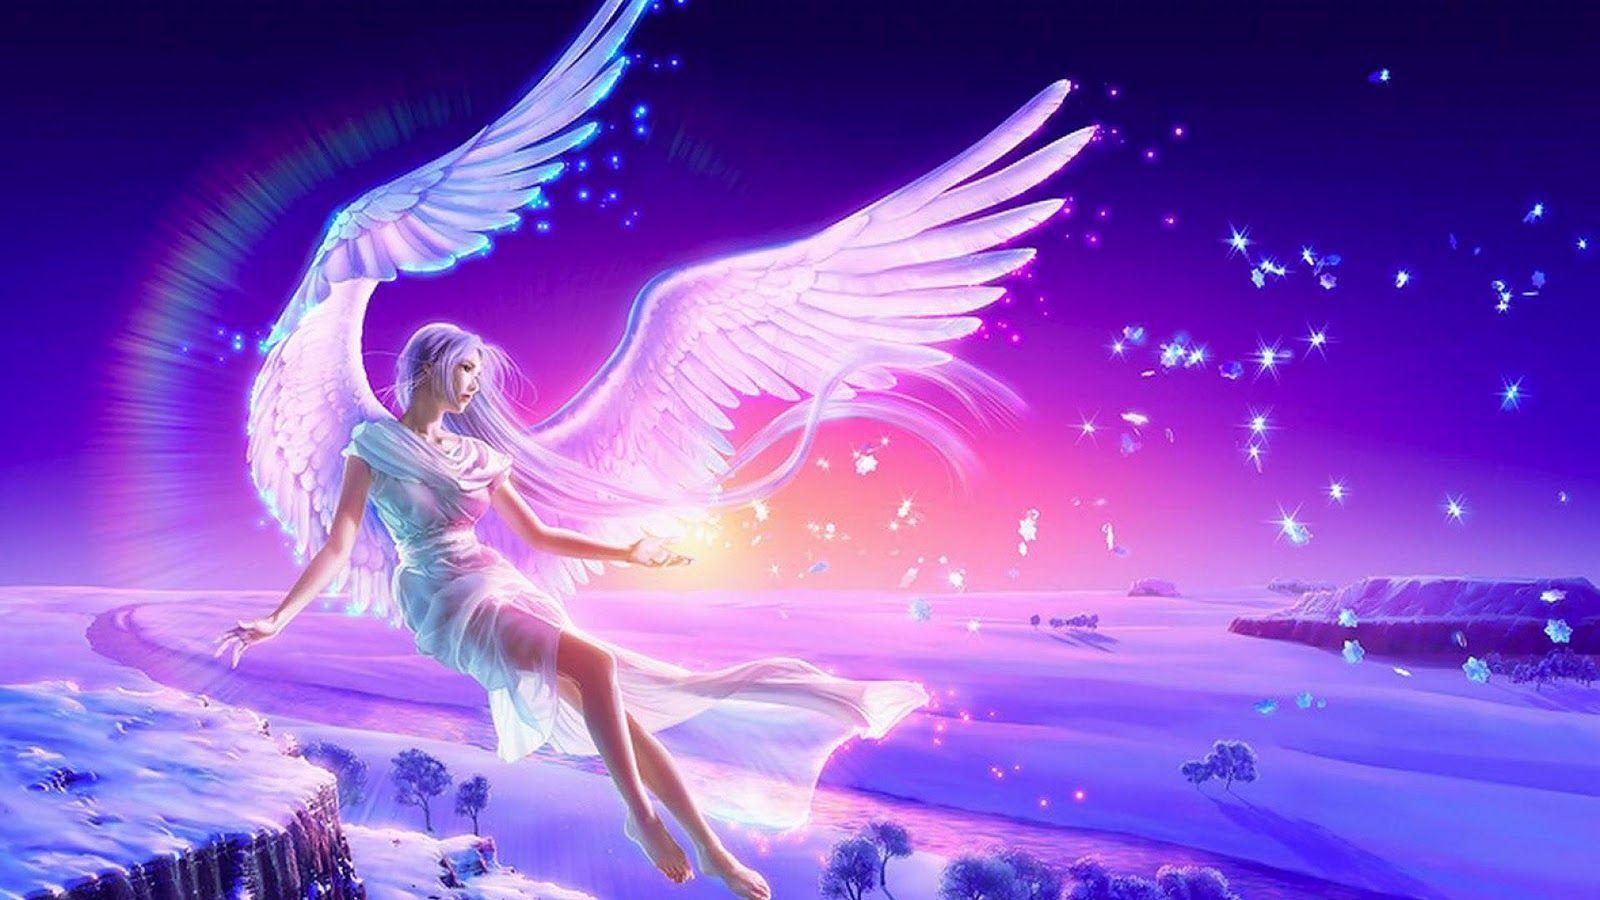 Angel Wallpaper For Desktop Angel Full 4k Ultra Hd Quality